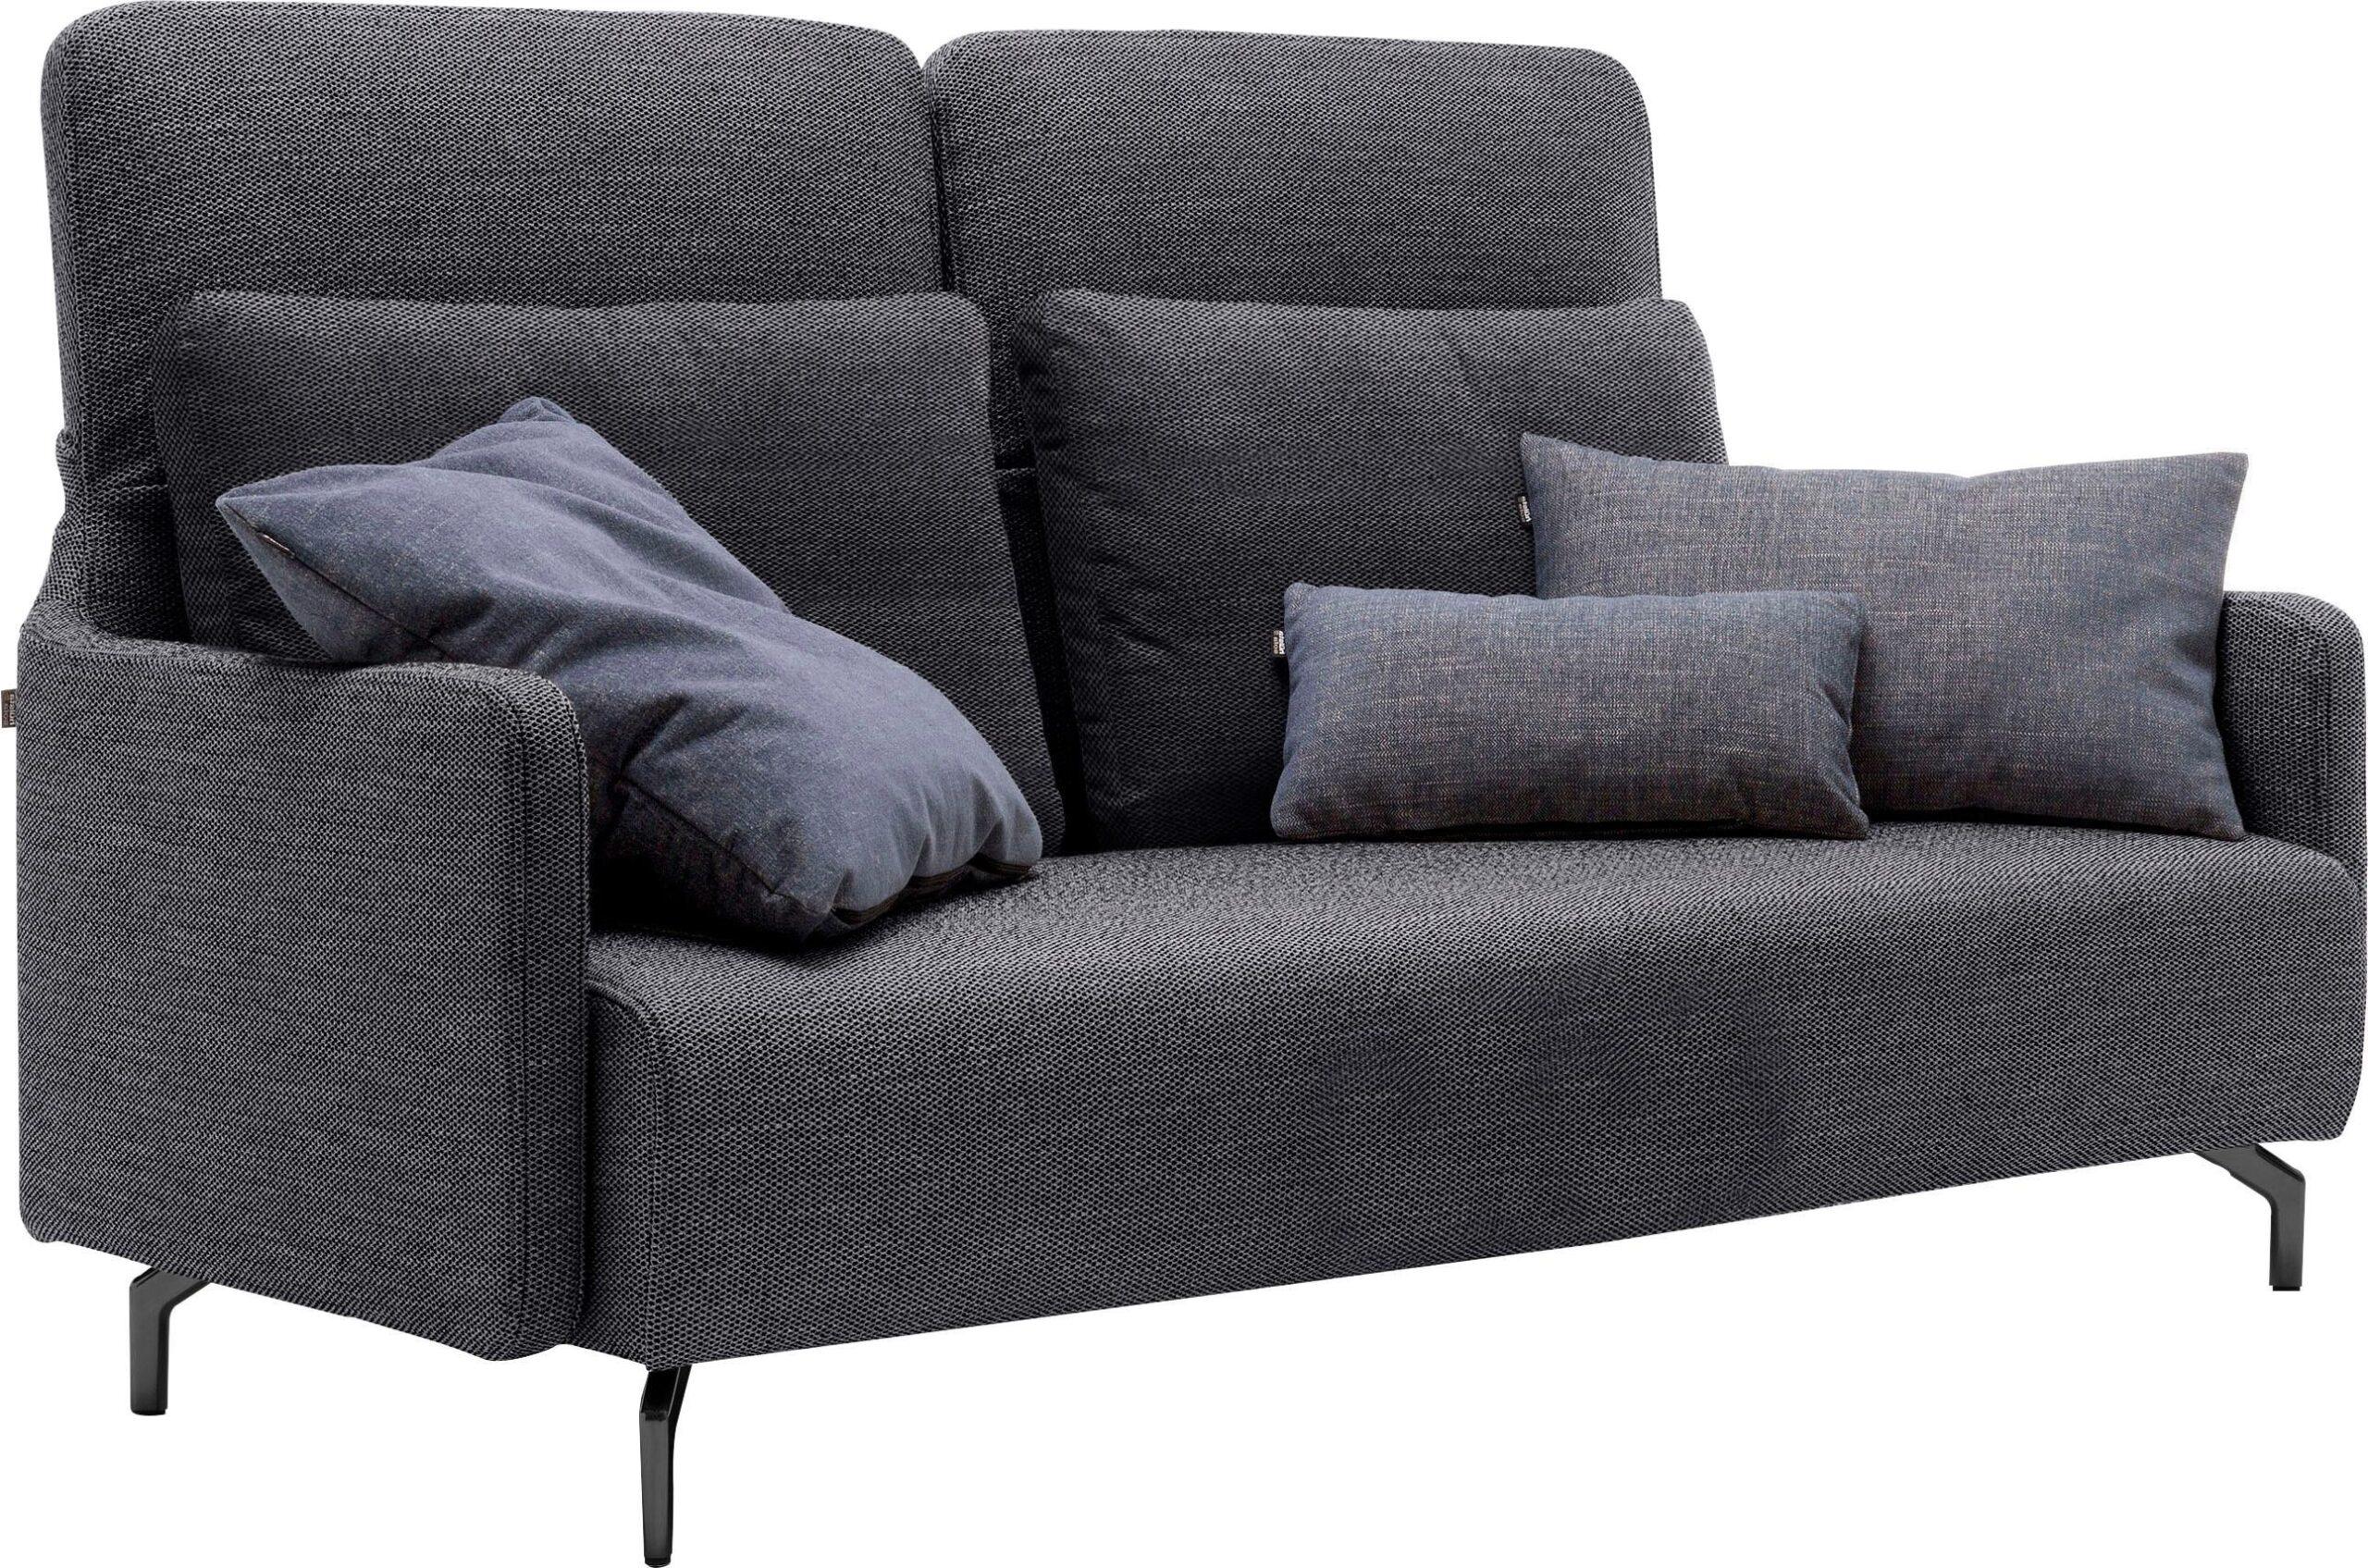 Full Size of Sofa 2 5 Sitzer Hlsta Rauch Betten 140x200 Kaufen Günstig Sitzhöhe 55 Cm Günstige 180x200 Bett 220 X 200 3 Mit Relaxfunktion 140 Kunstleder 200x180 Matratze Sofa Sofa 2 5 Sitzer